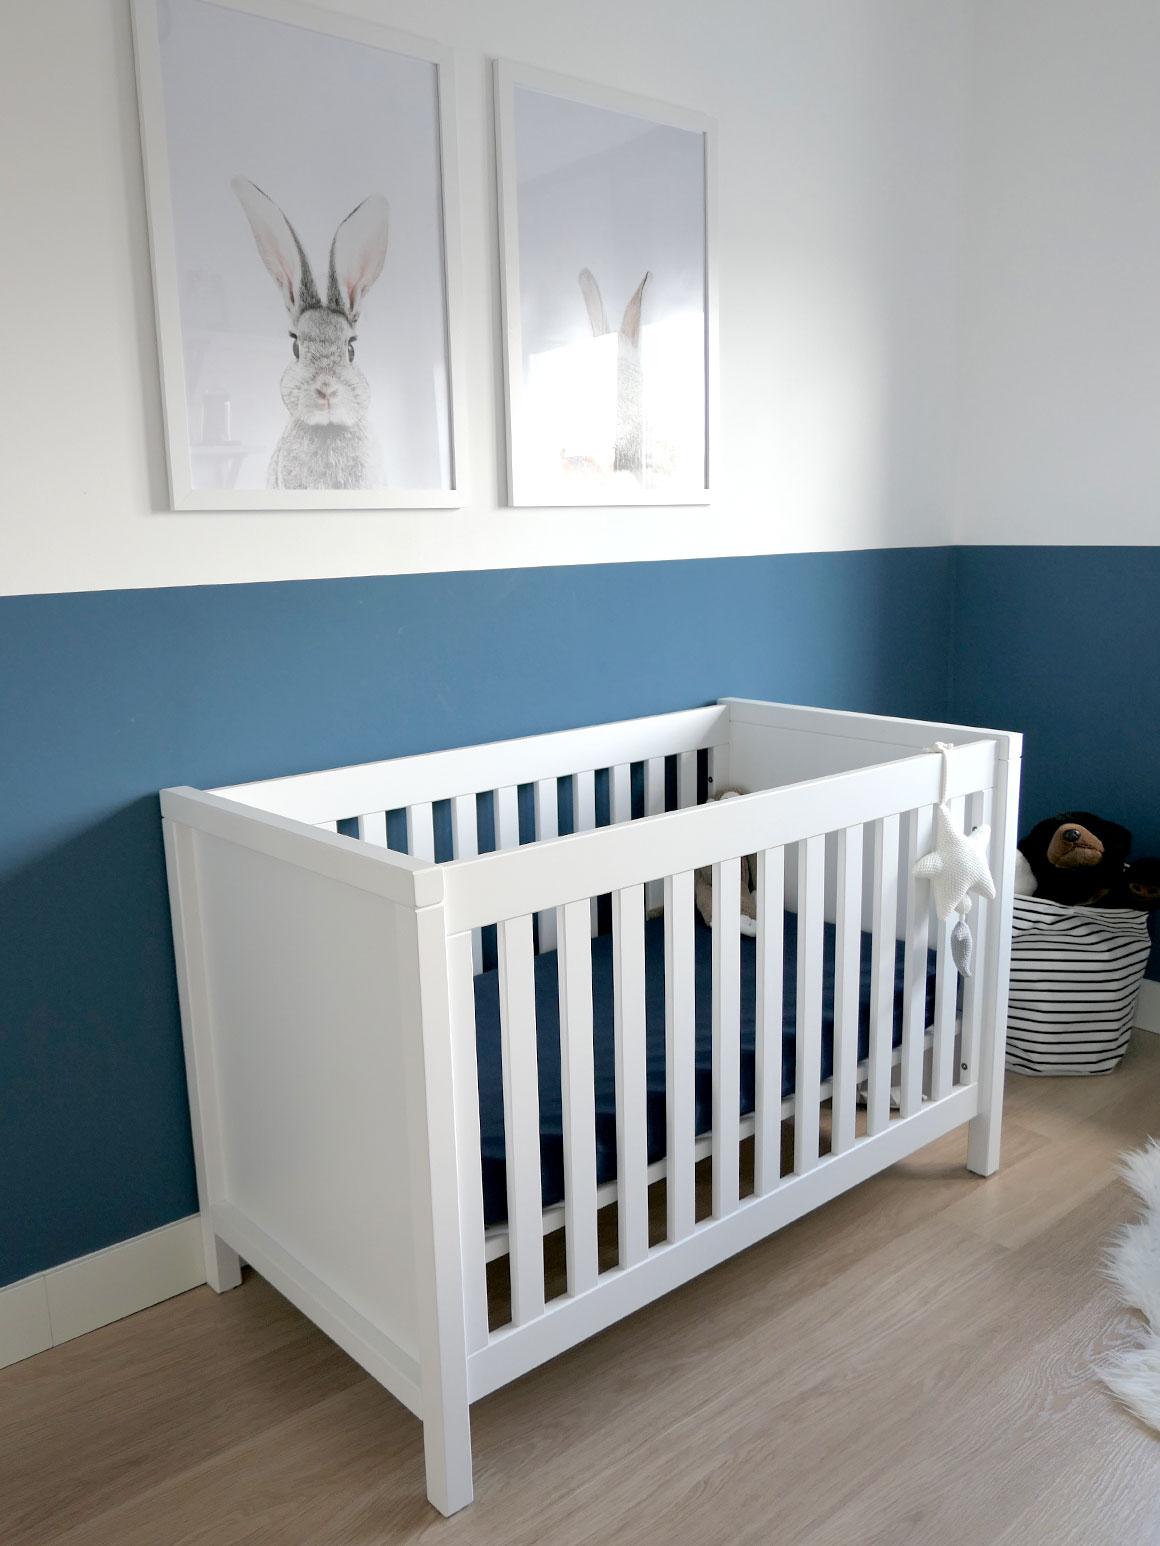 Ons nieuwe huis #9: Liams kamer